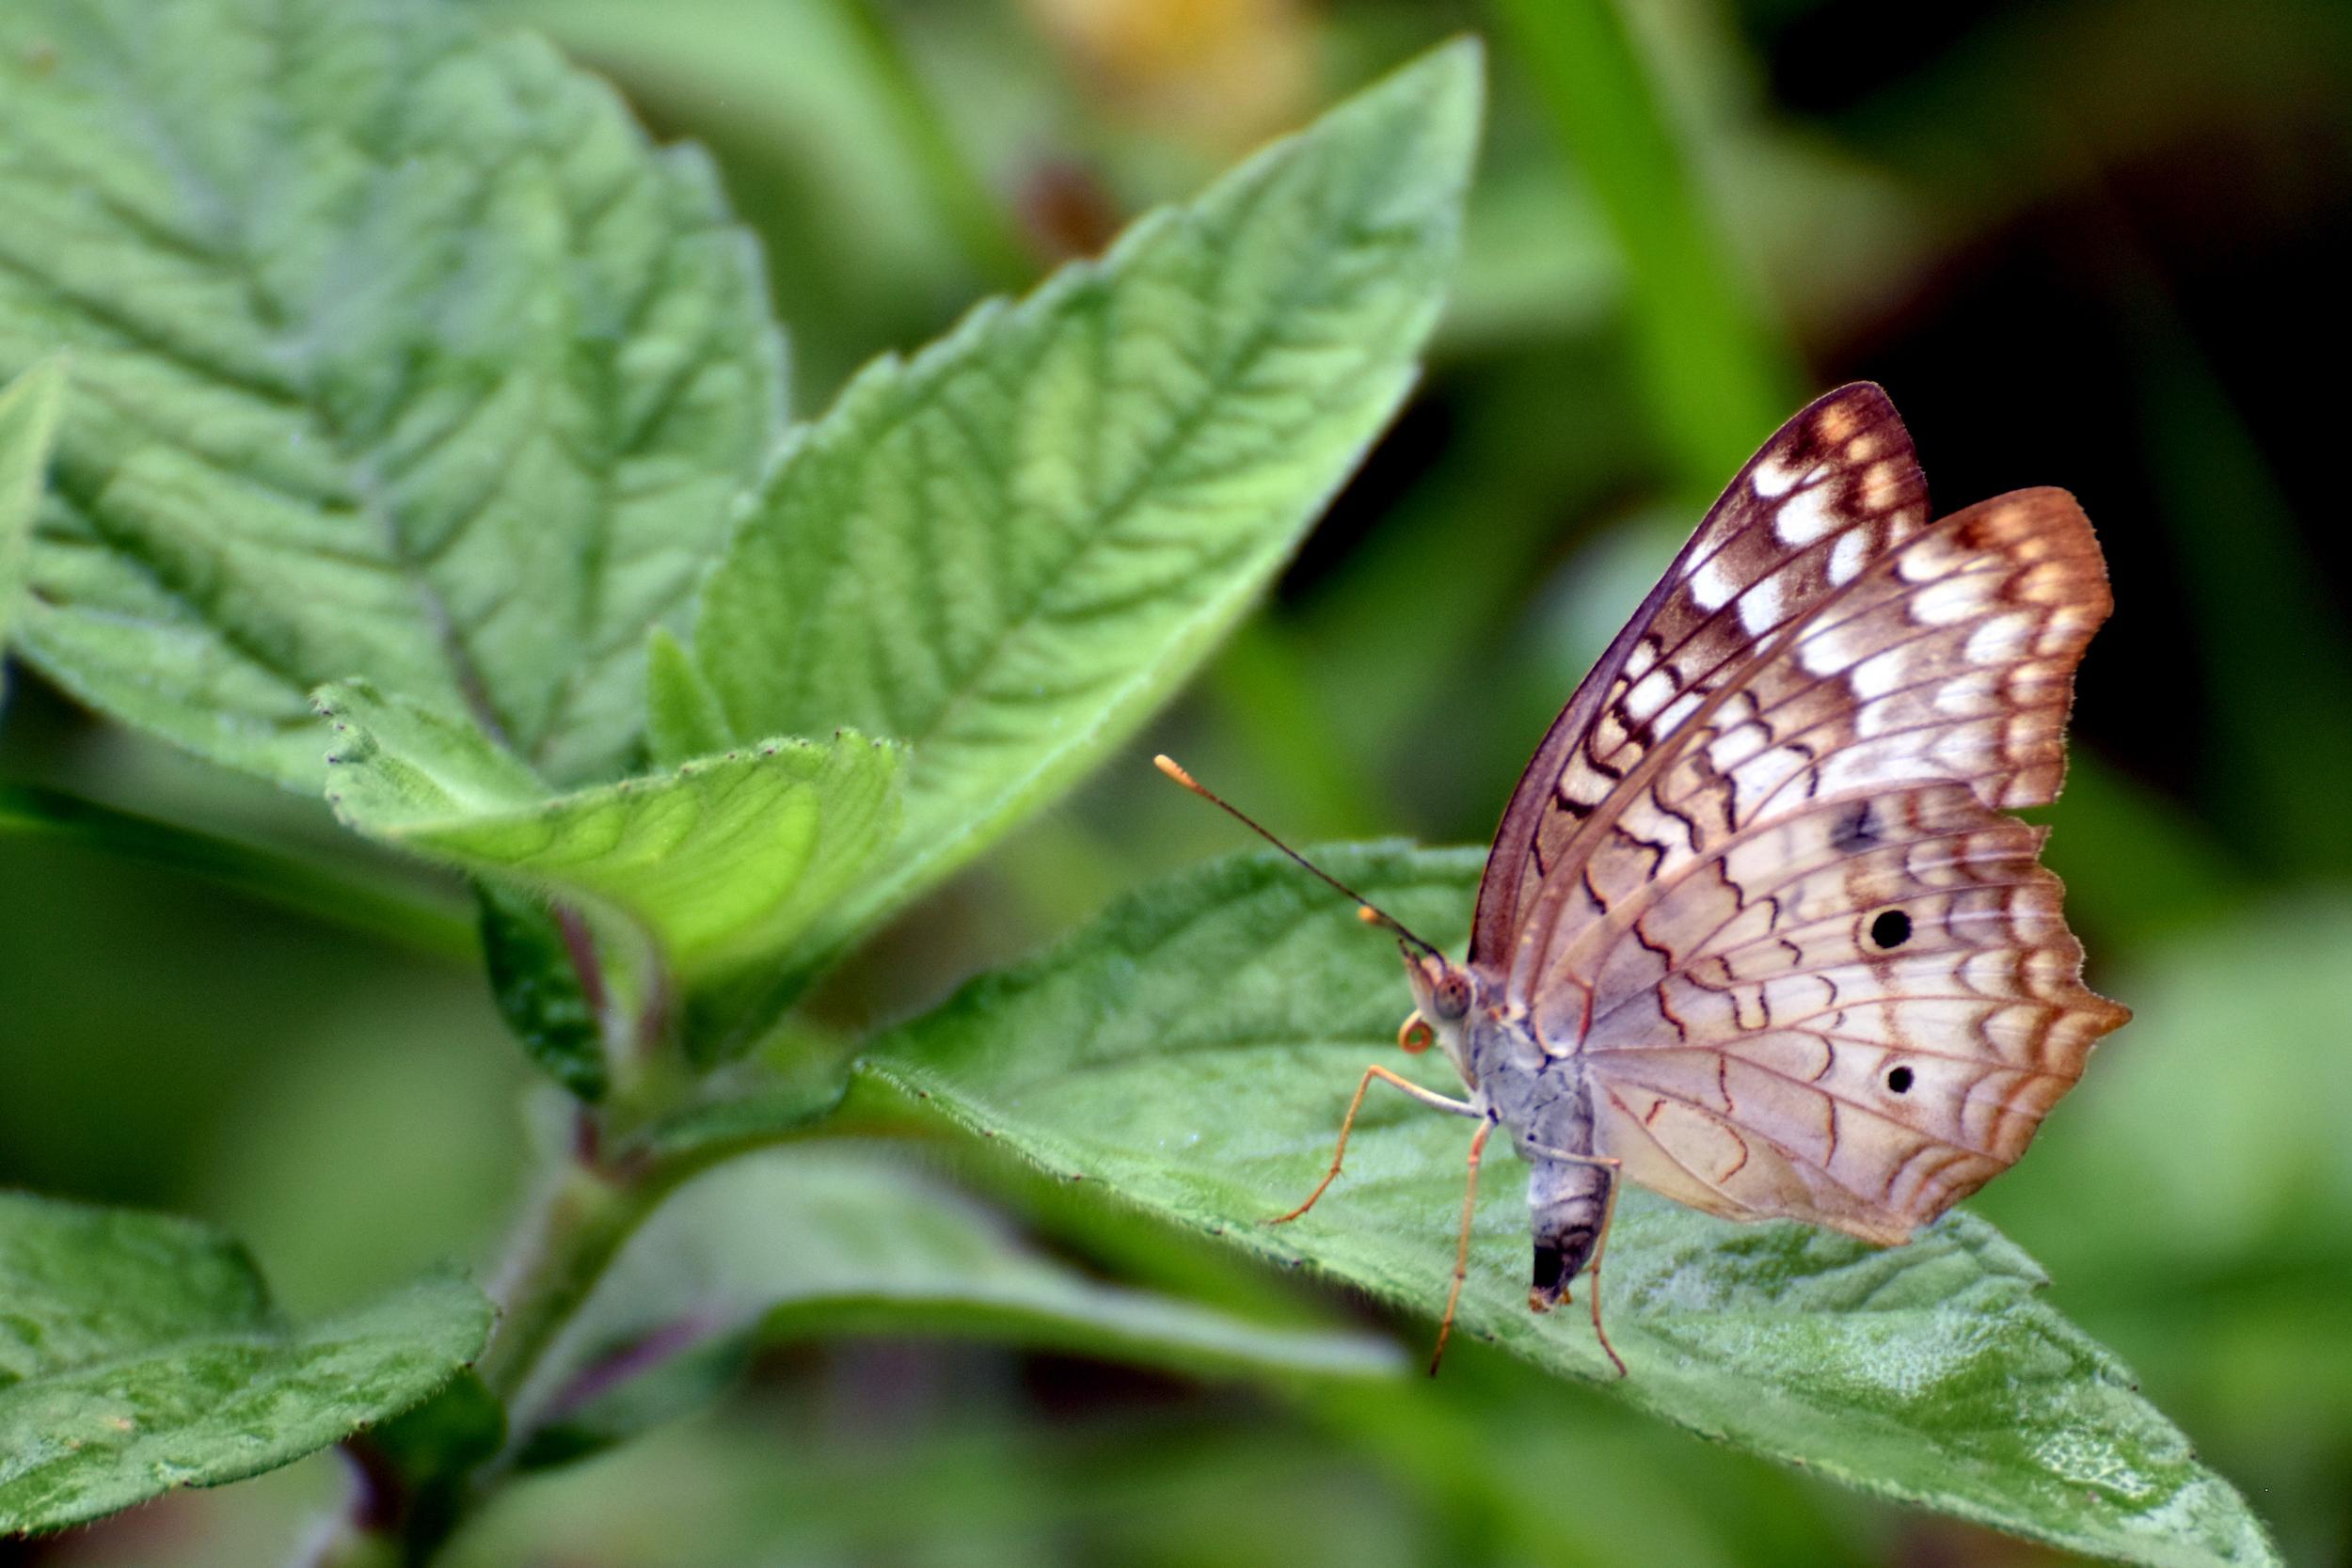 Con los fondos de Patrimonio Natural del Perú se atenderán 38 áreas protegidas de la Amazonía: Jeffrey Dávila / WWF Perú.